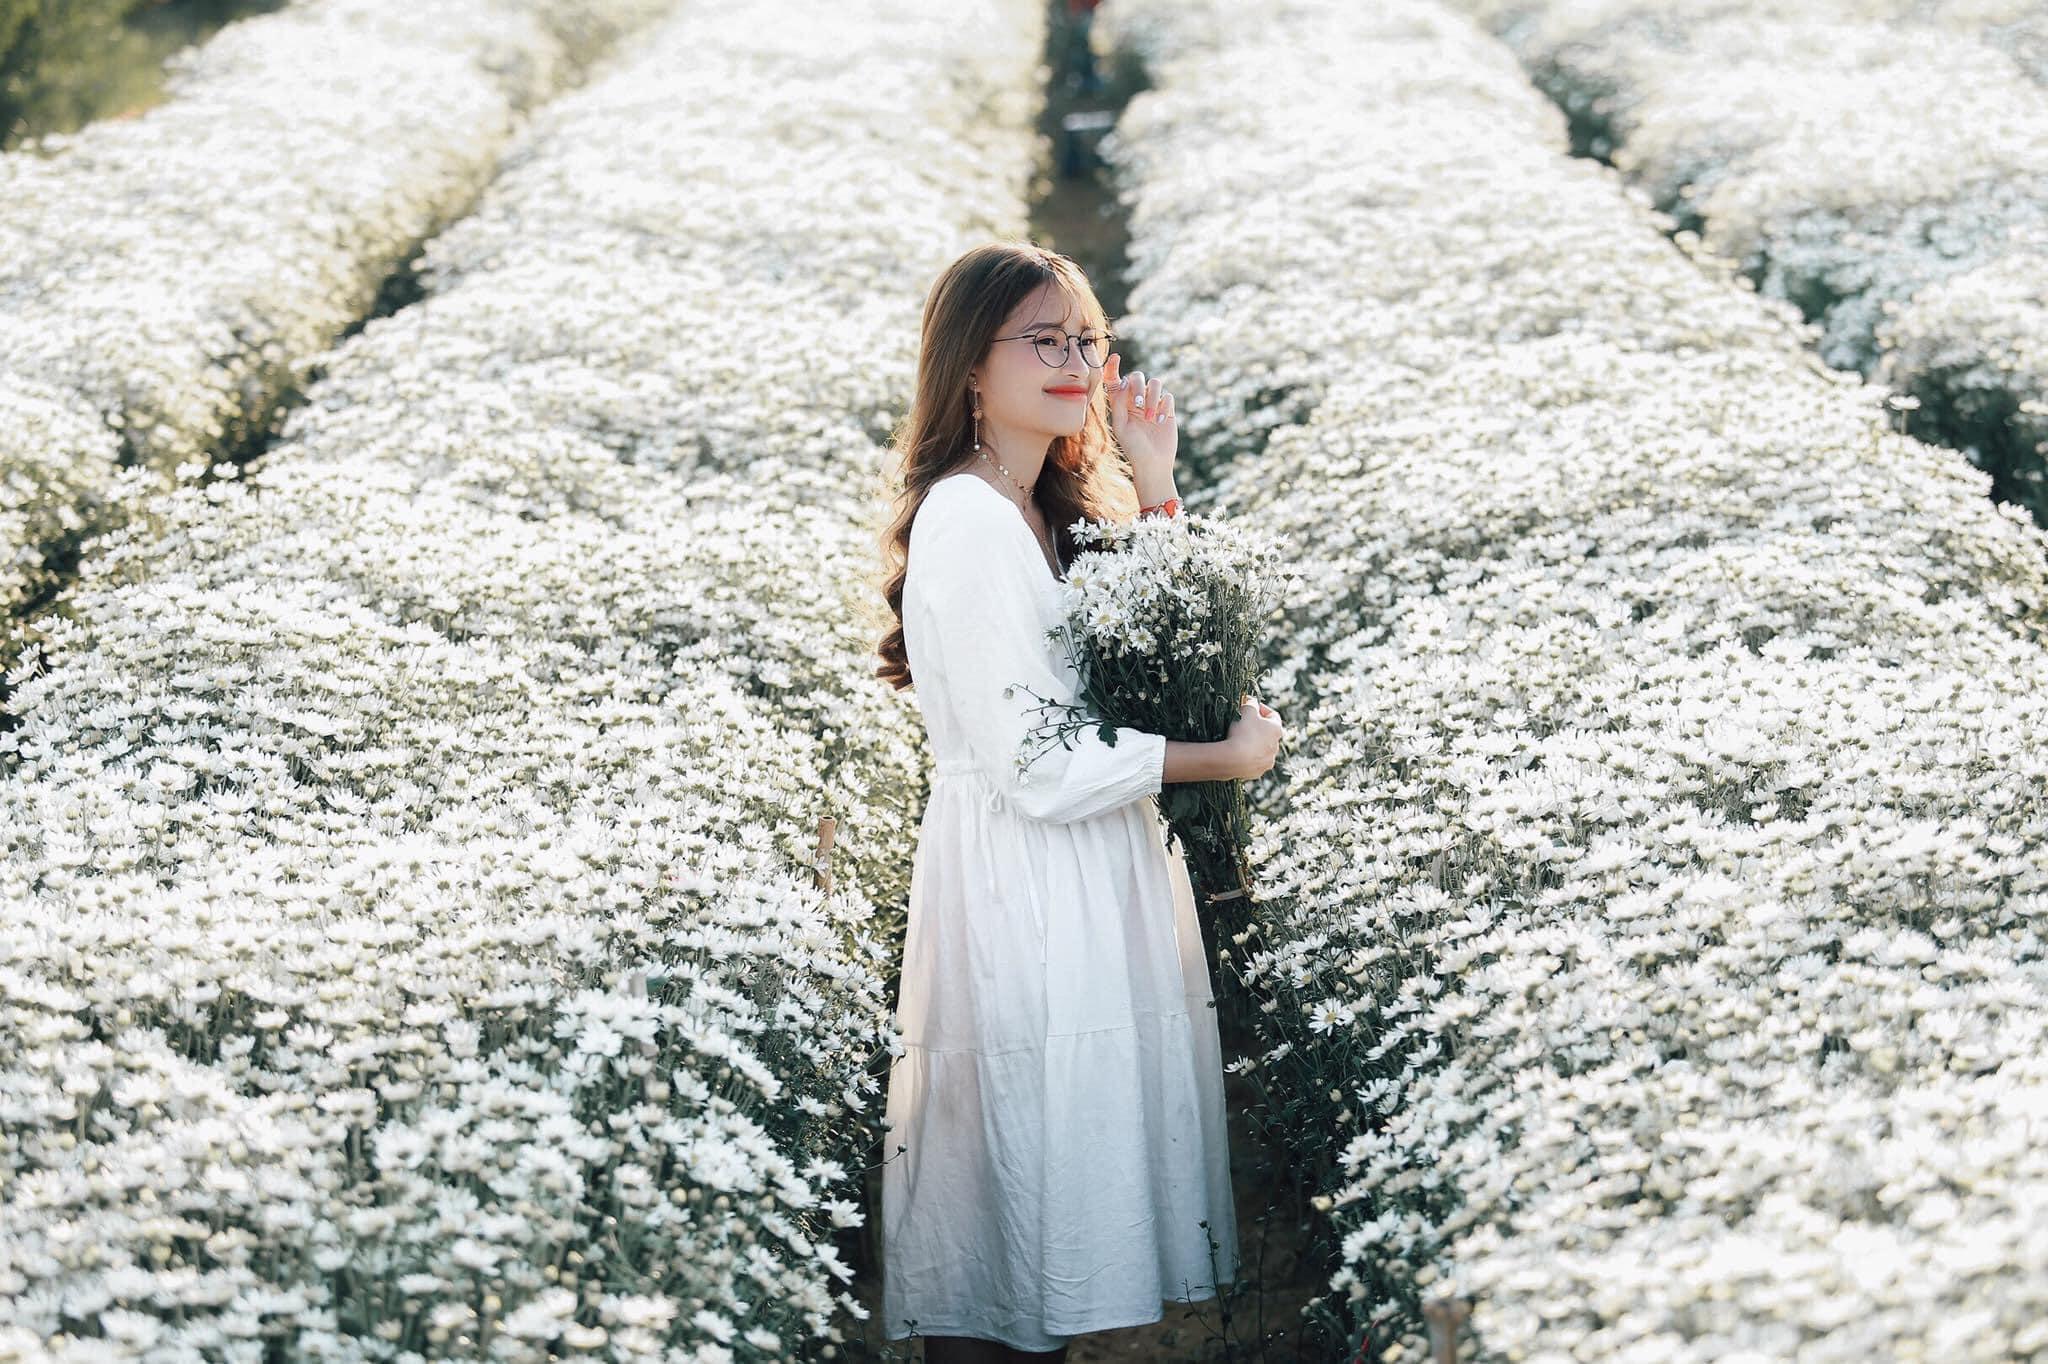 Tậu ngay bộ ảnh xinh lung linh giữa thiên đường cúc họa mi Hà Nội tháng 11 - Ảnh 5.